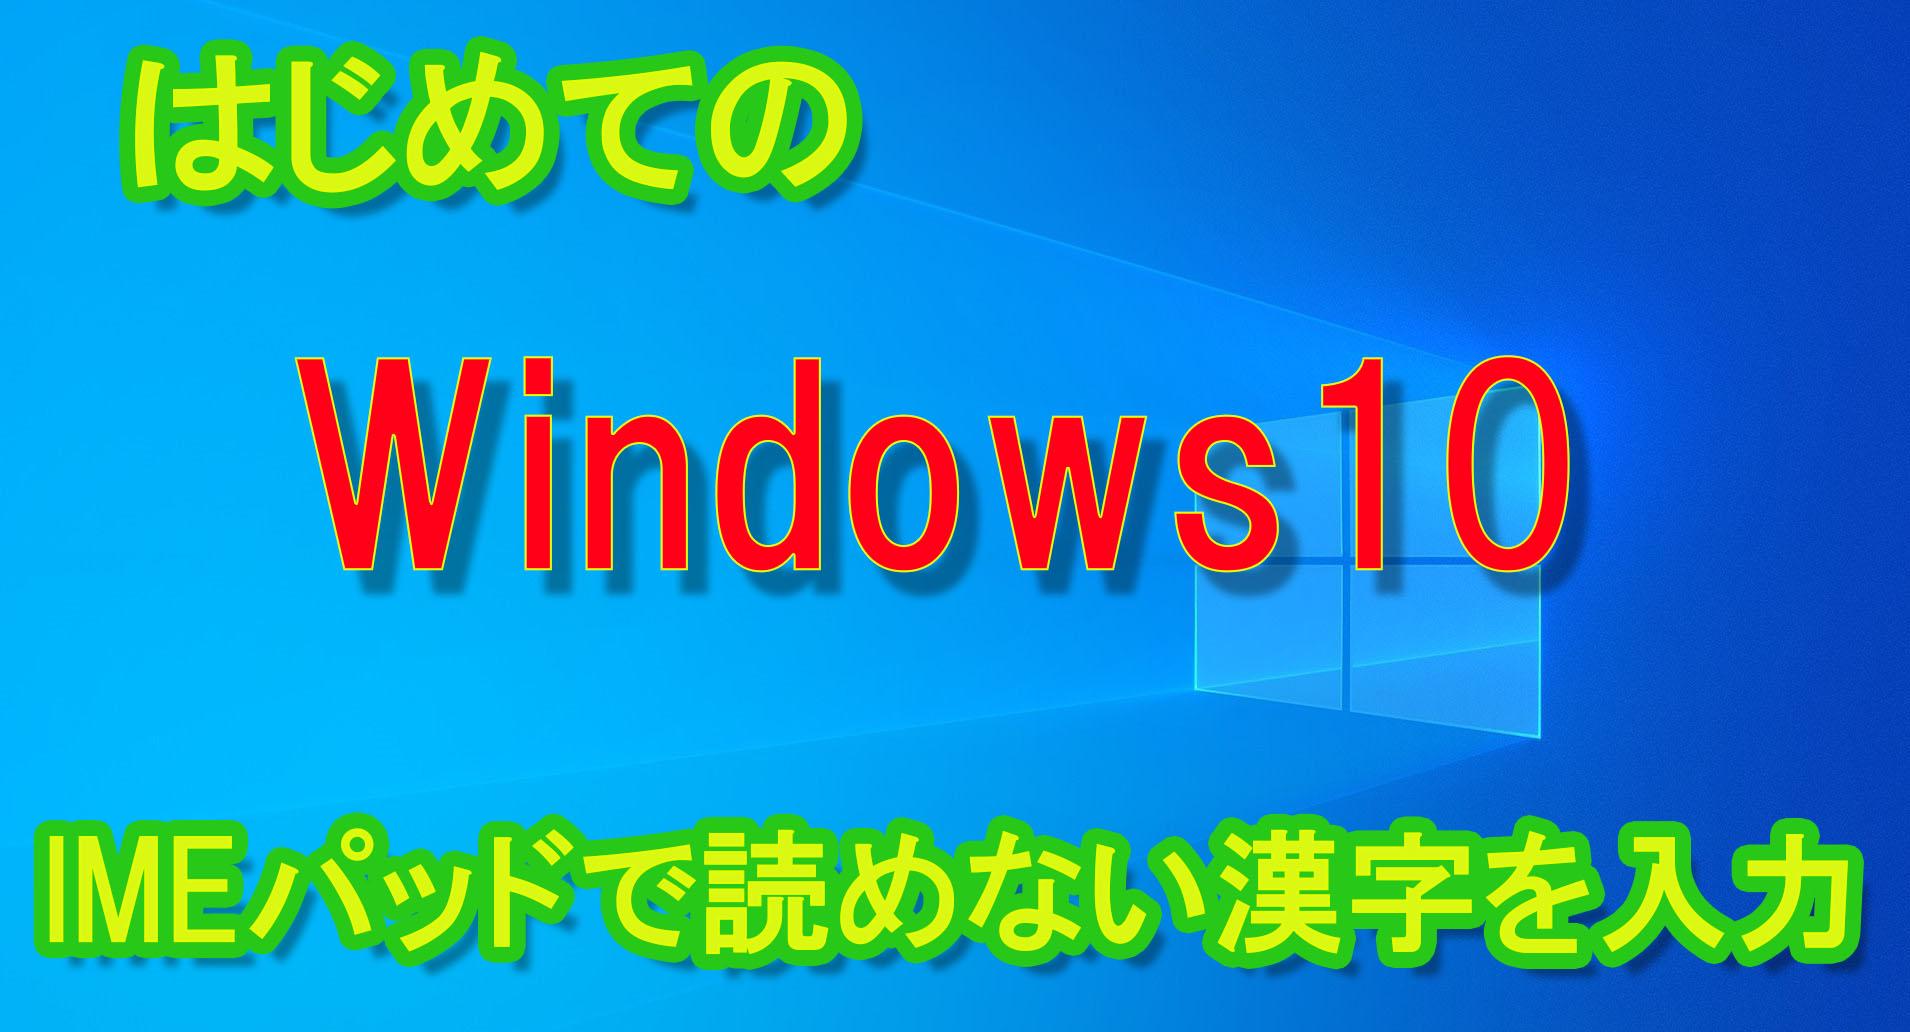 はじめてのWindows10、IMEパッドで読めない漢字を入力